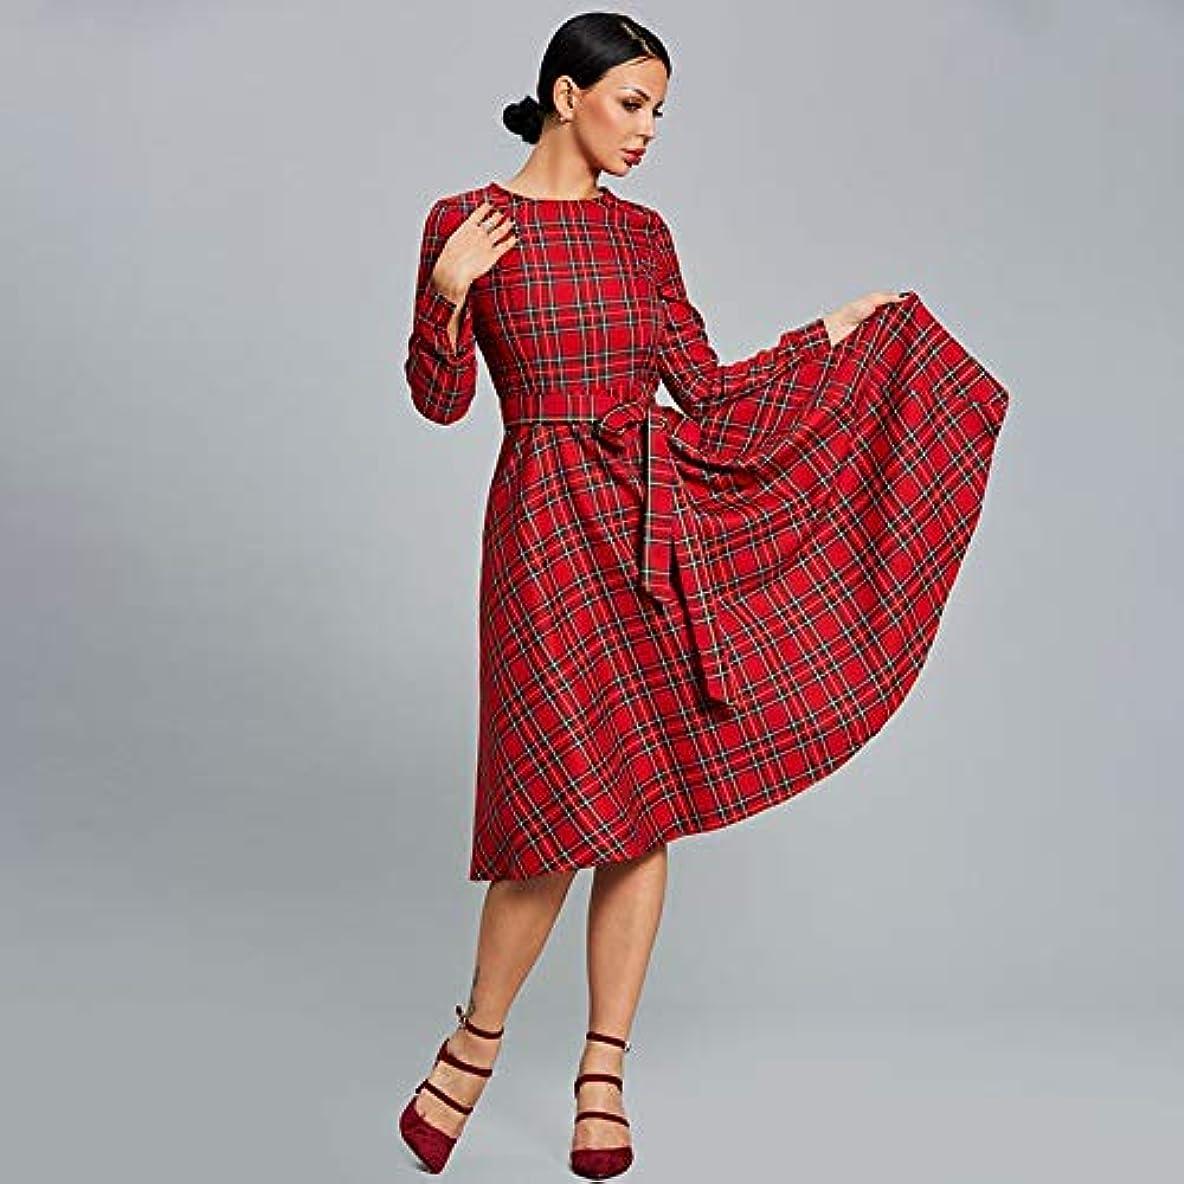 句プレフィックス報復Onderroa - 女性のドレス秋のタータンチェックレッドパーティードレスOネックロングスリーブパッチワークラインデー2018女性の厚いヴィンテージドレス